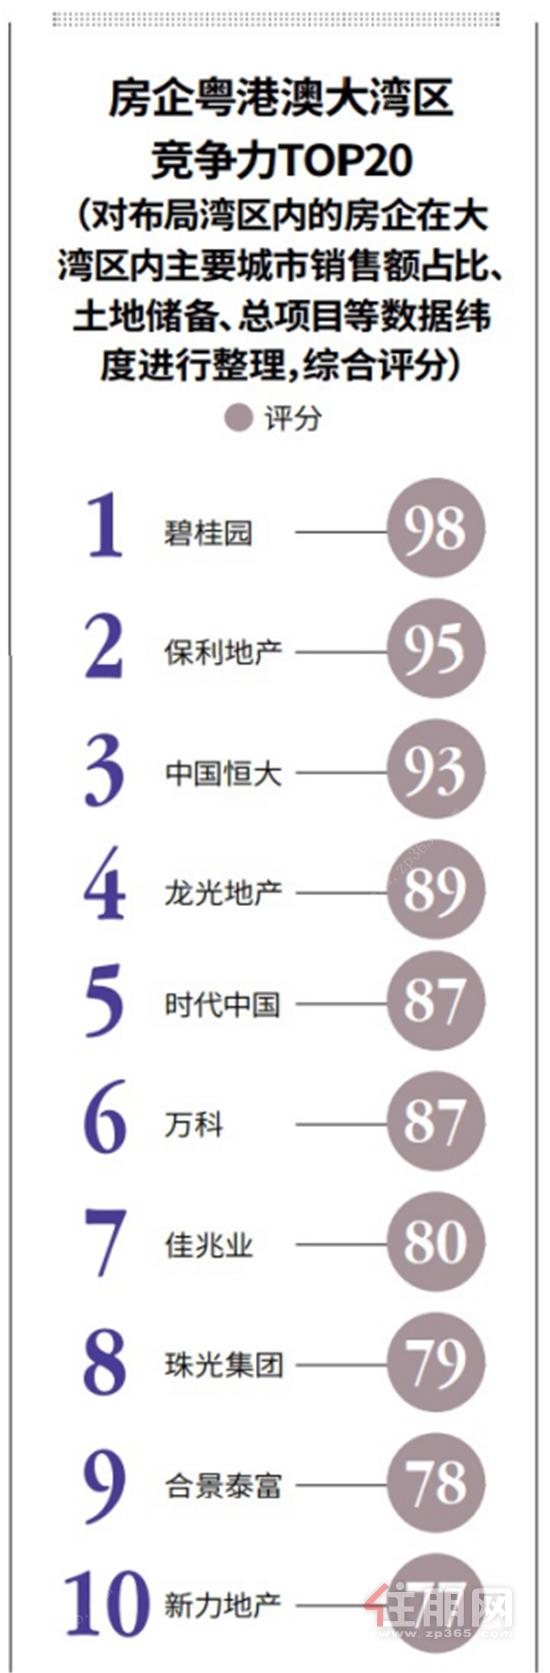 住朋网房企粤港澳大湾区竞争力榜单发布 龙光地产荣登第四位(1)658_副本.png